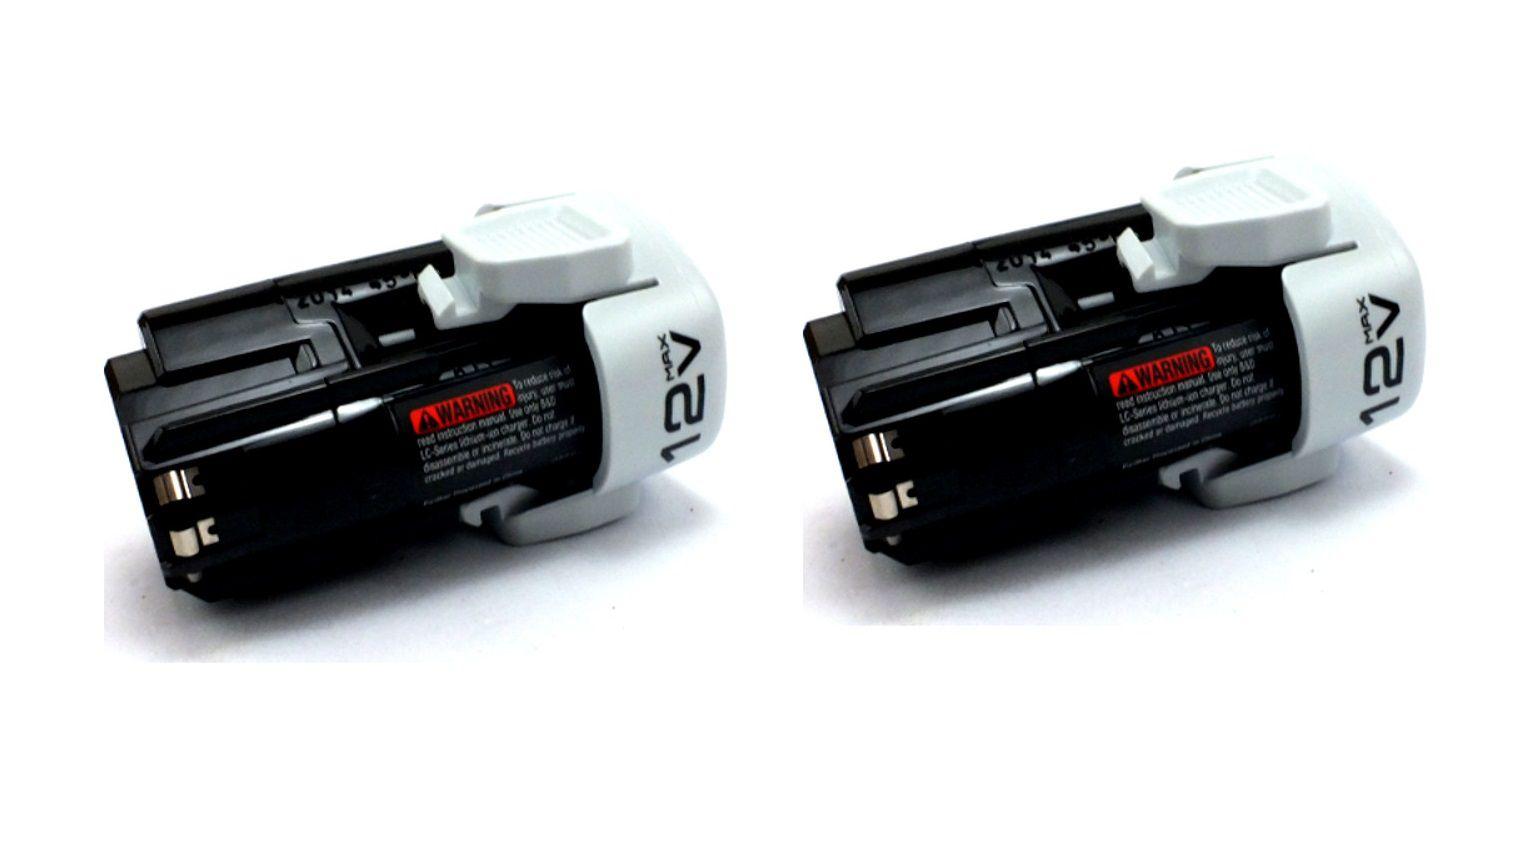 Bateria 12V Li-Ion Para Parafusadeira Ld112 DeWALT (Kit 2 Unidades) 90583070